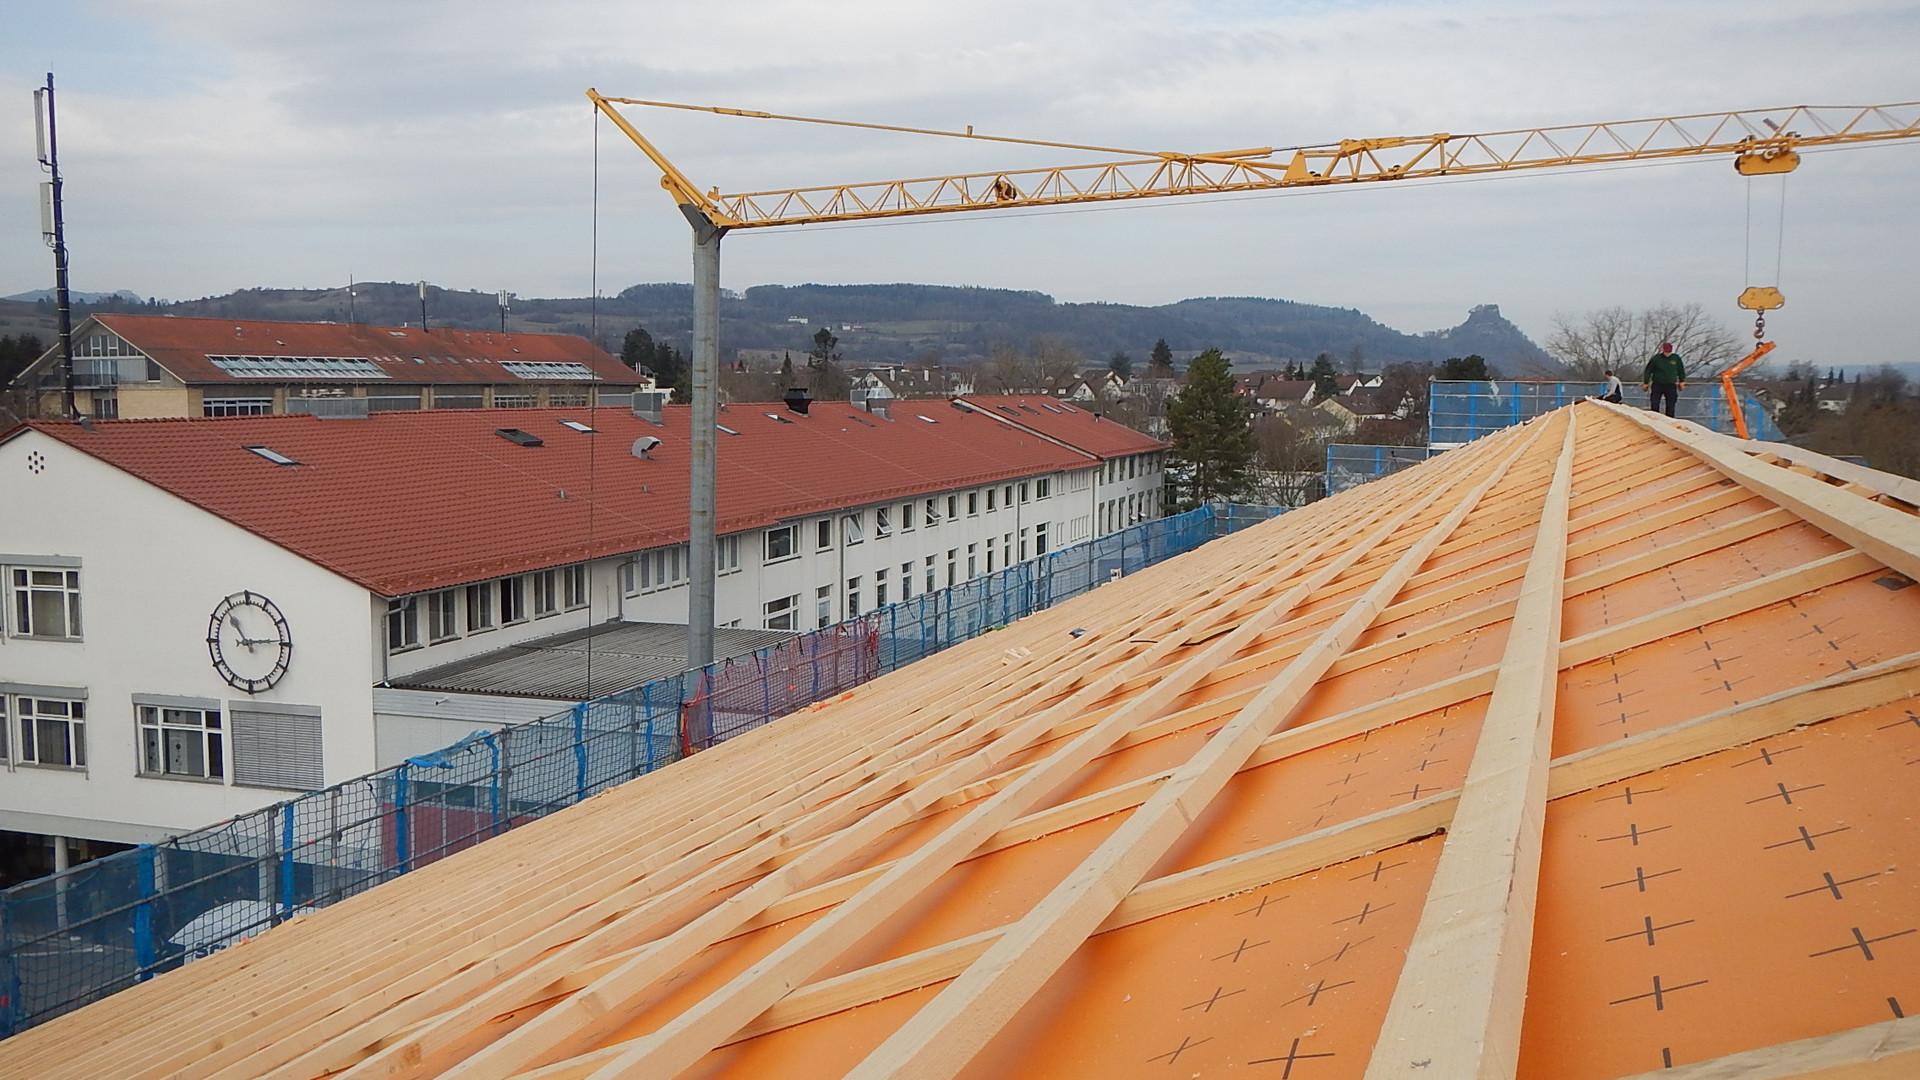 Hohentwiel-Gewerbeschule in Singen